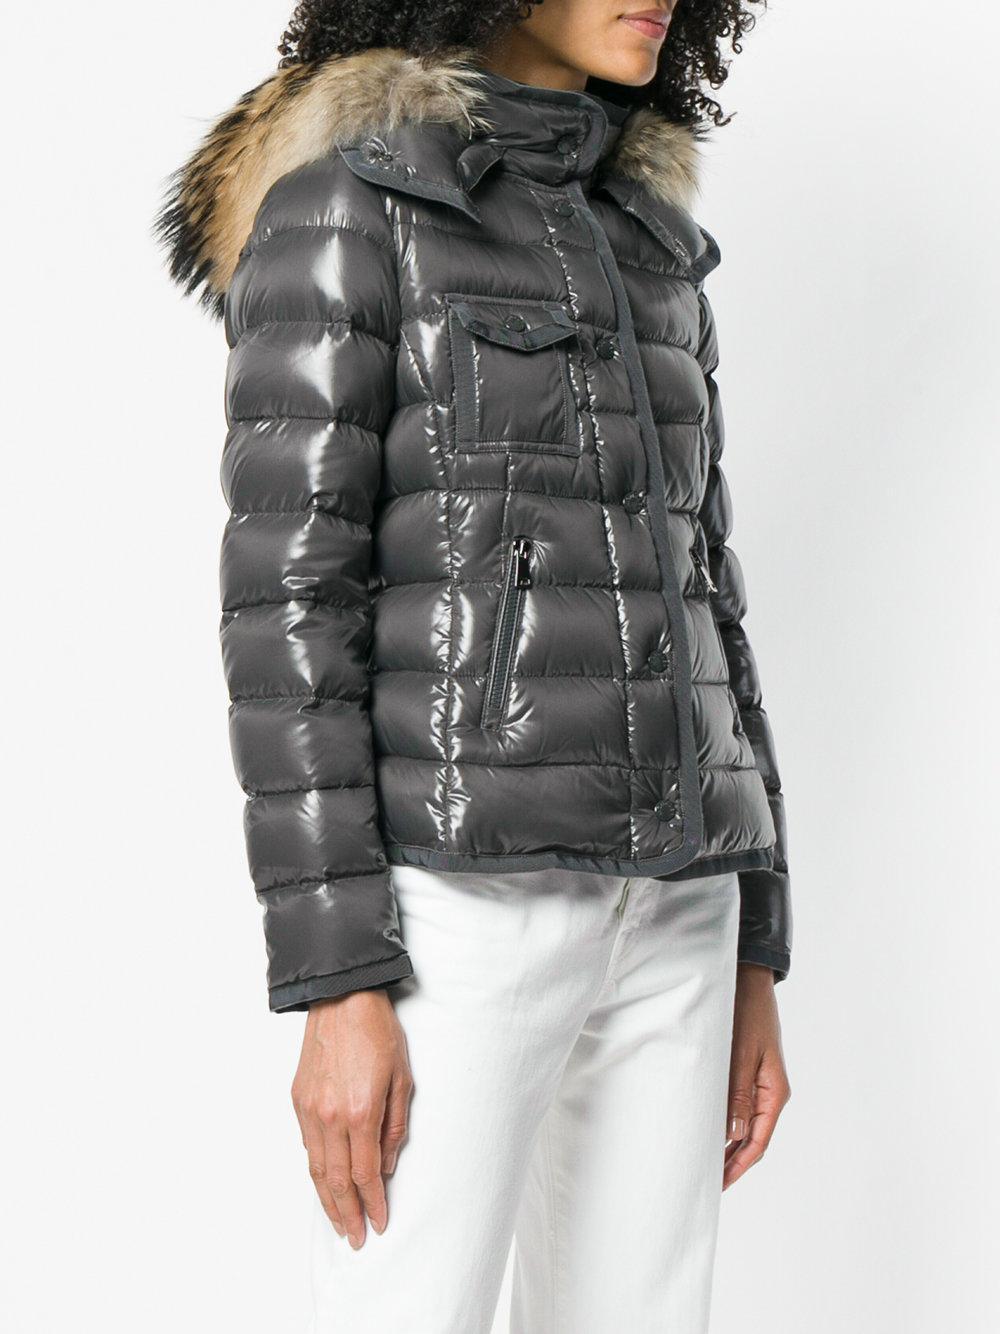 1e49cedf6 coupon code for moncler armoise jacket black adam e28f2 0ff4e